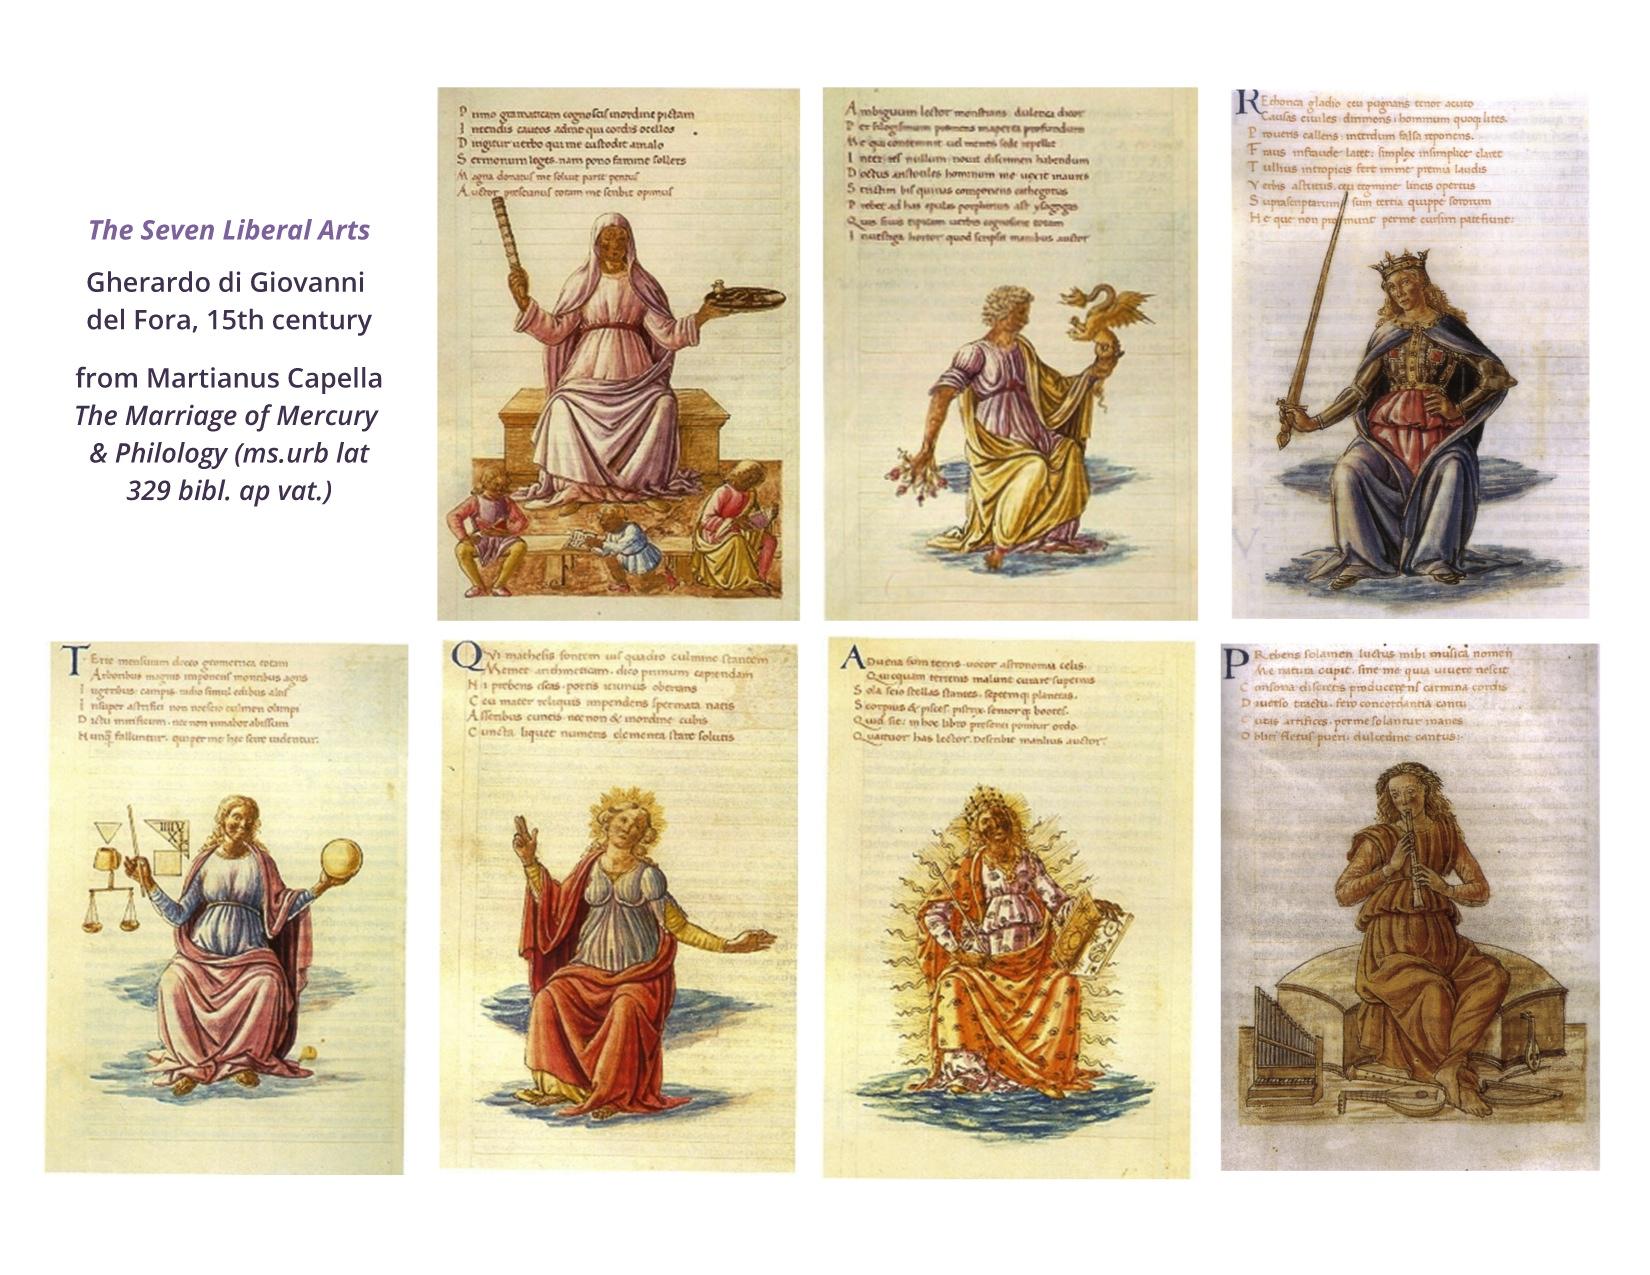 الحقبات التاريخية للفنون السبعة